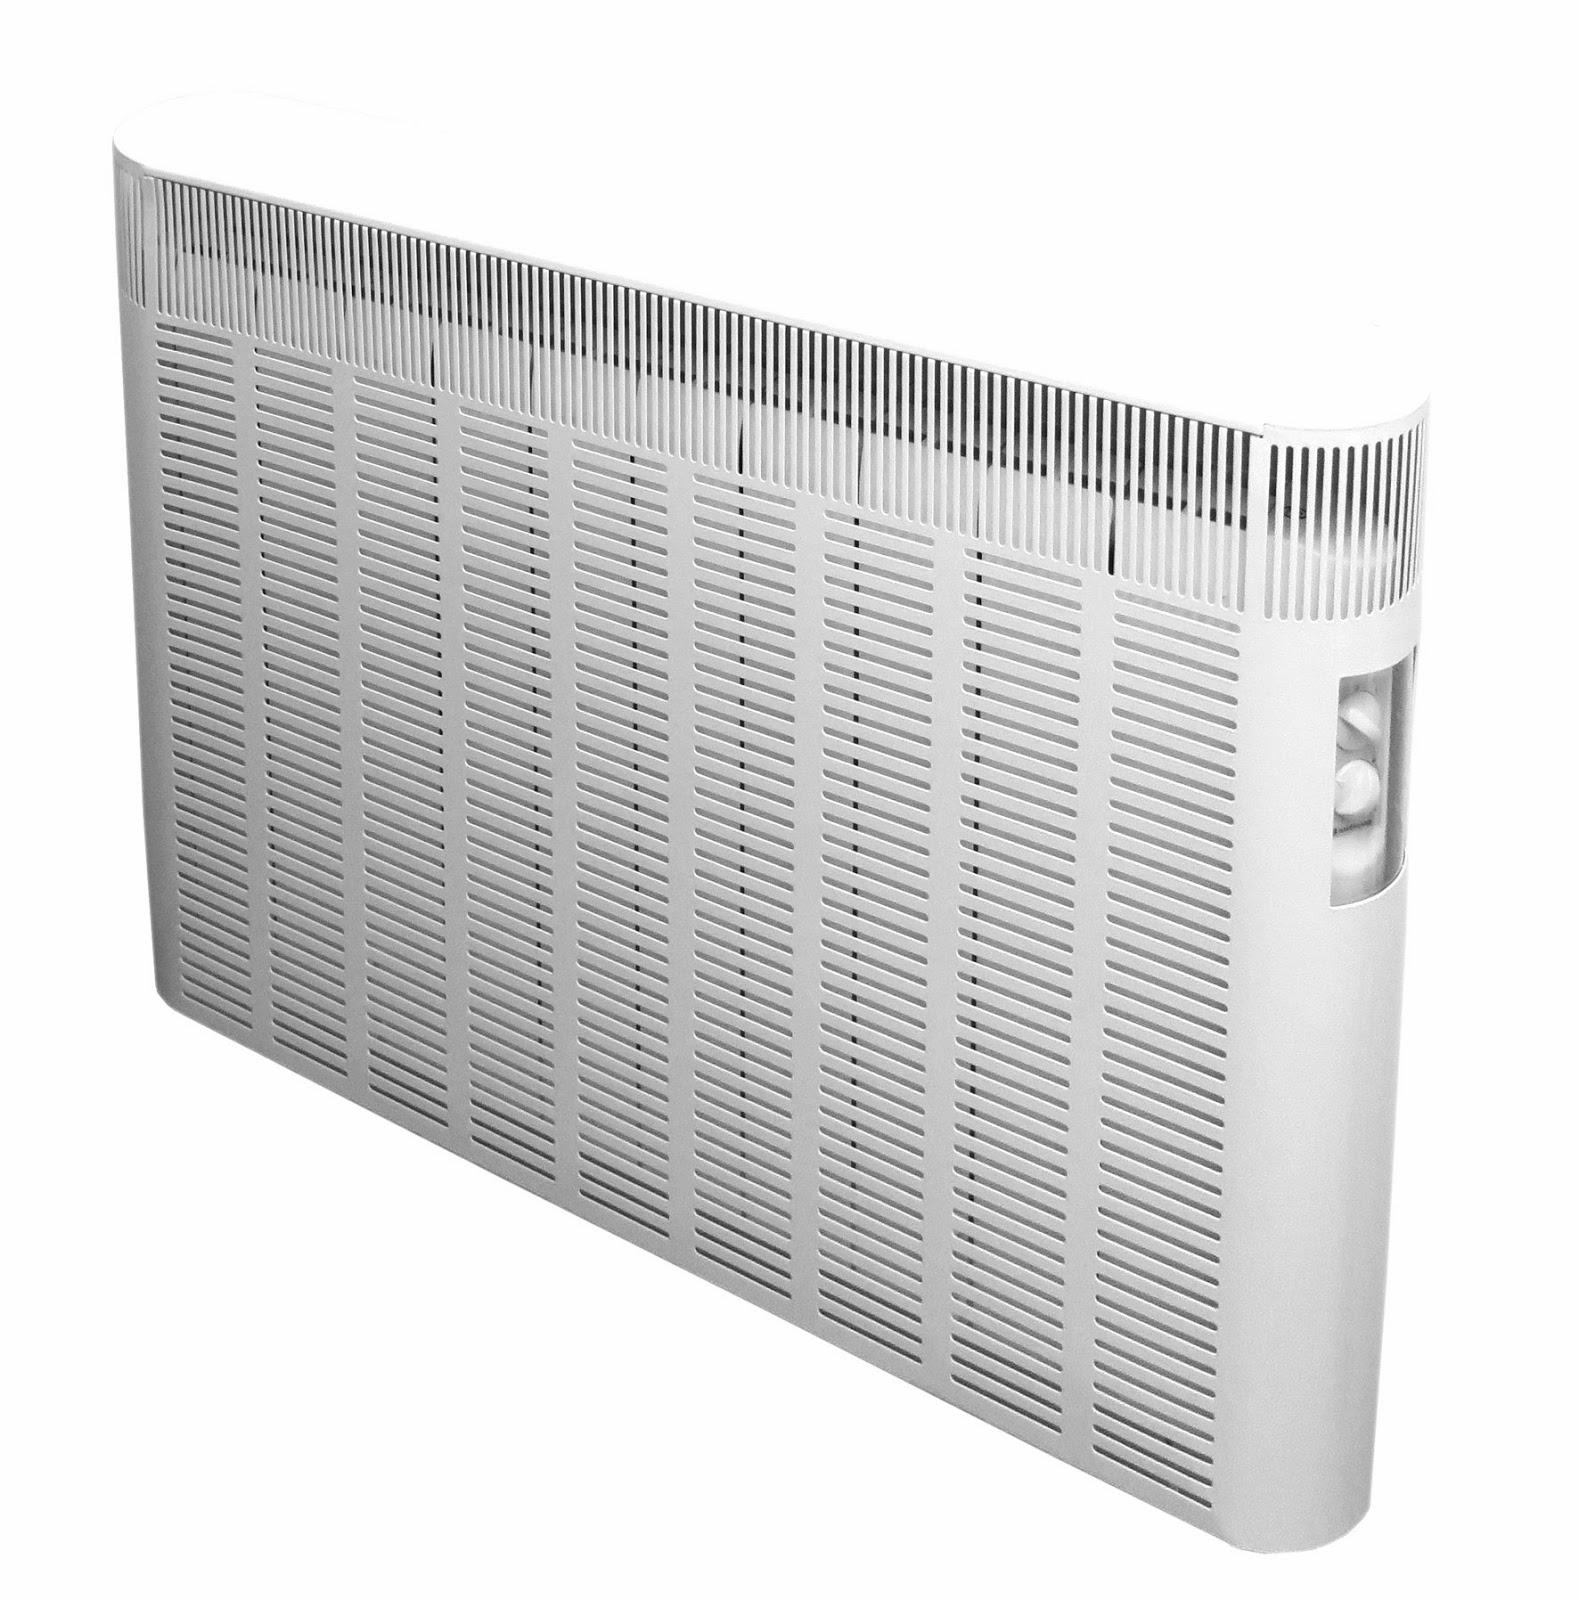 El bit cora de haverland cubre radiadores - Cortinas encima de radiadores ...